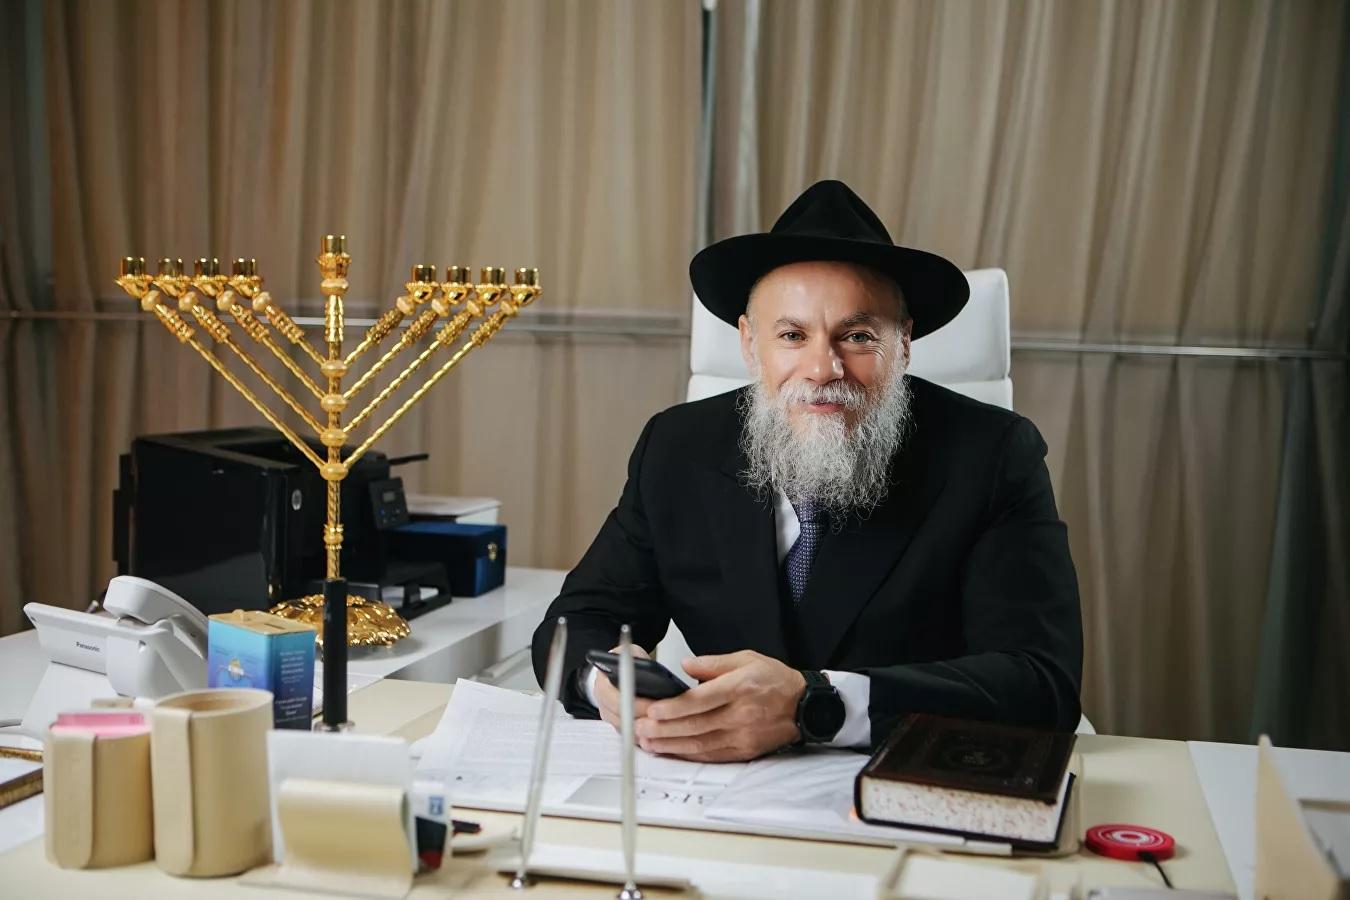 Раввин Борода пояснил, когда иудеям нельзя требовать возврат долга